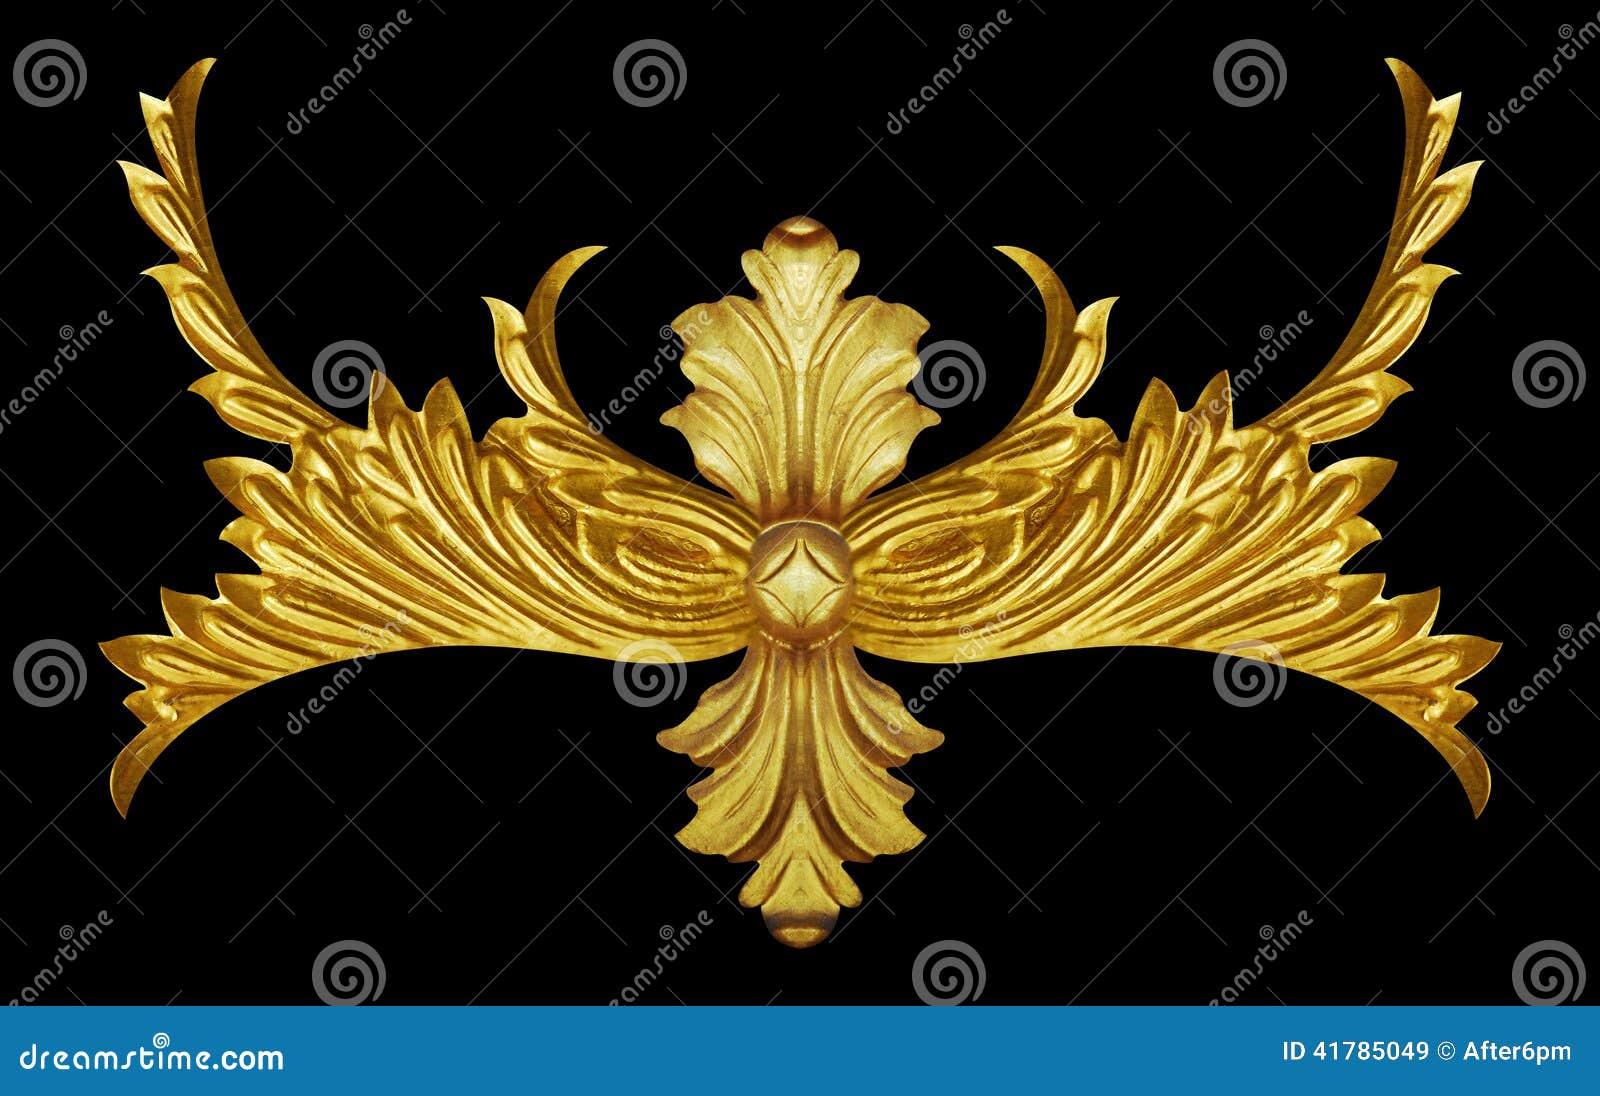 Элементы орнамента, винтажное золото флористическое